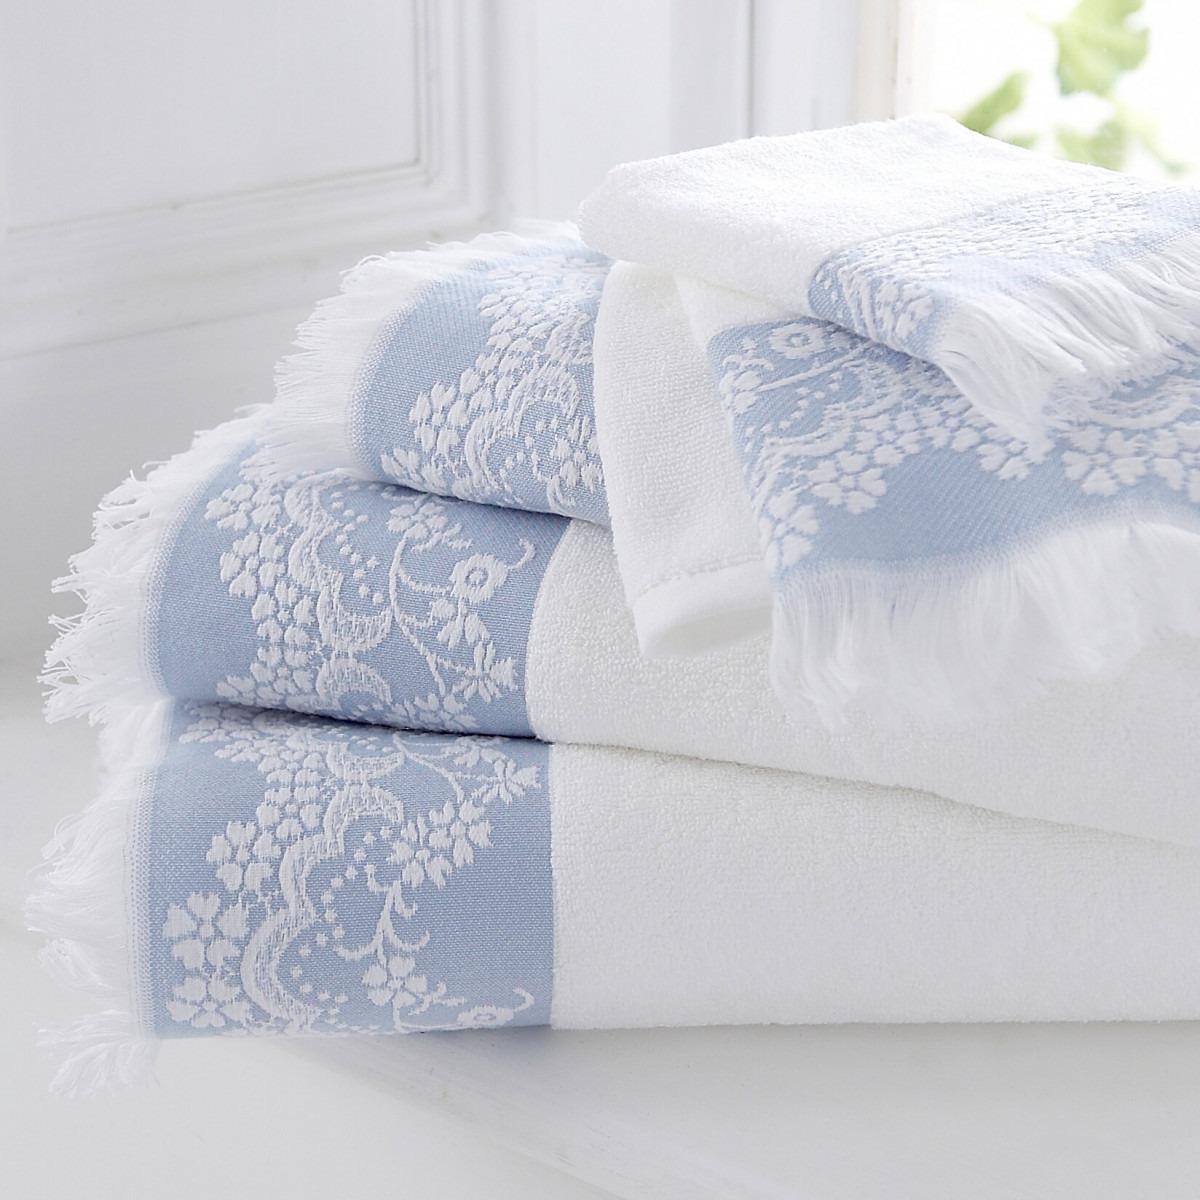 Blue Riviera Towels